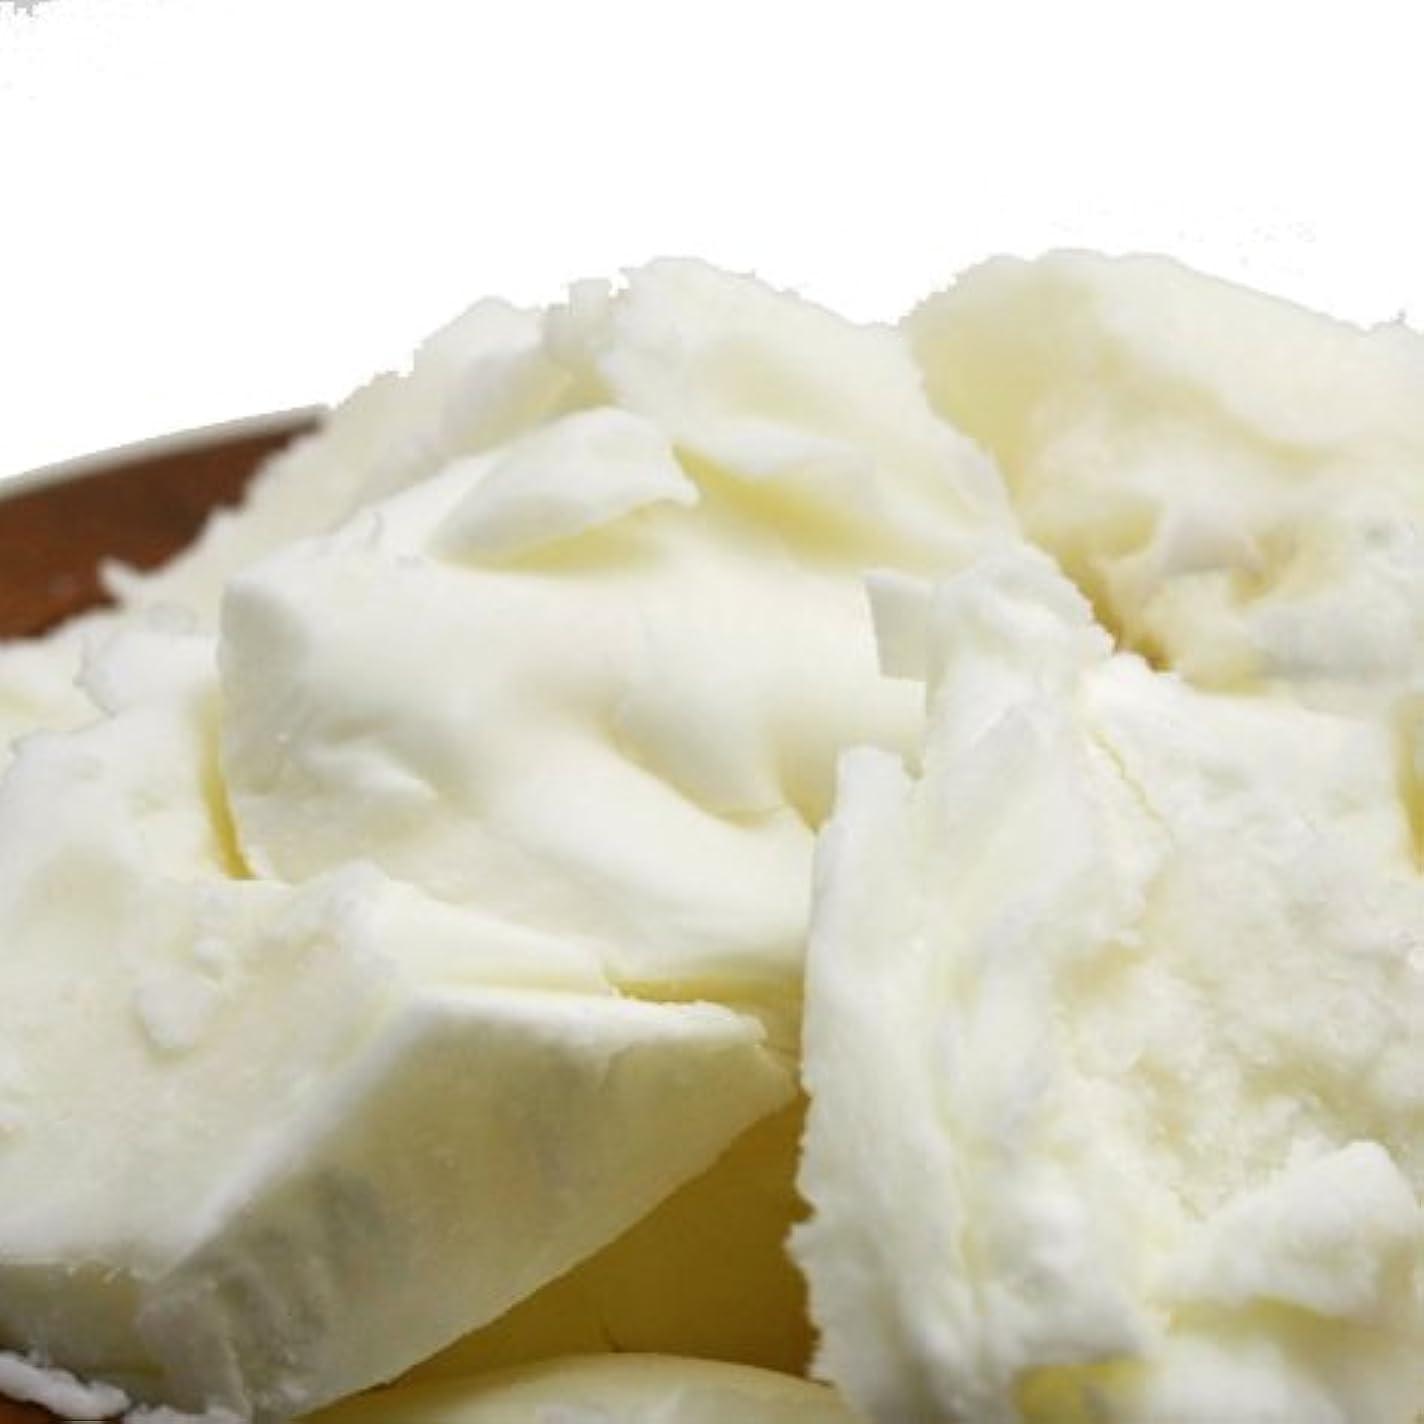 時期尚早早い露精製シアバター 100g シア脂 【手作り石鹸/手作りコスメ/手作り化粧品】